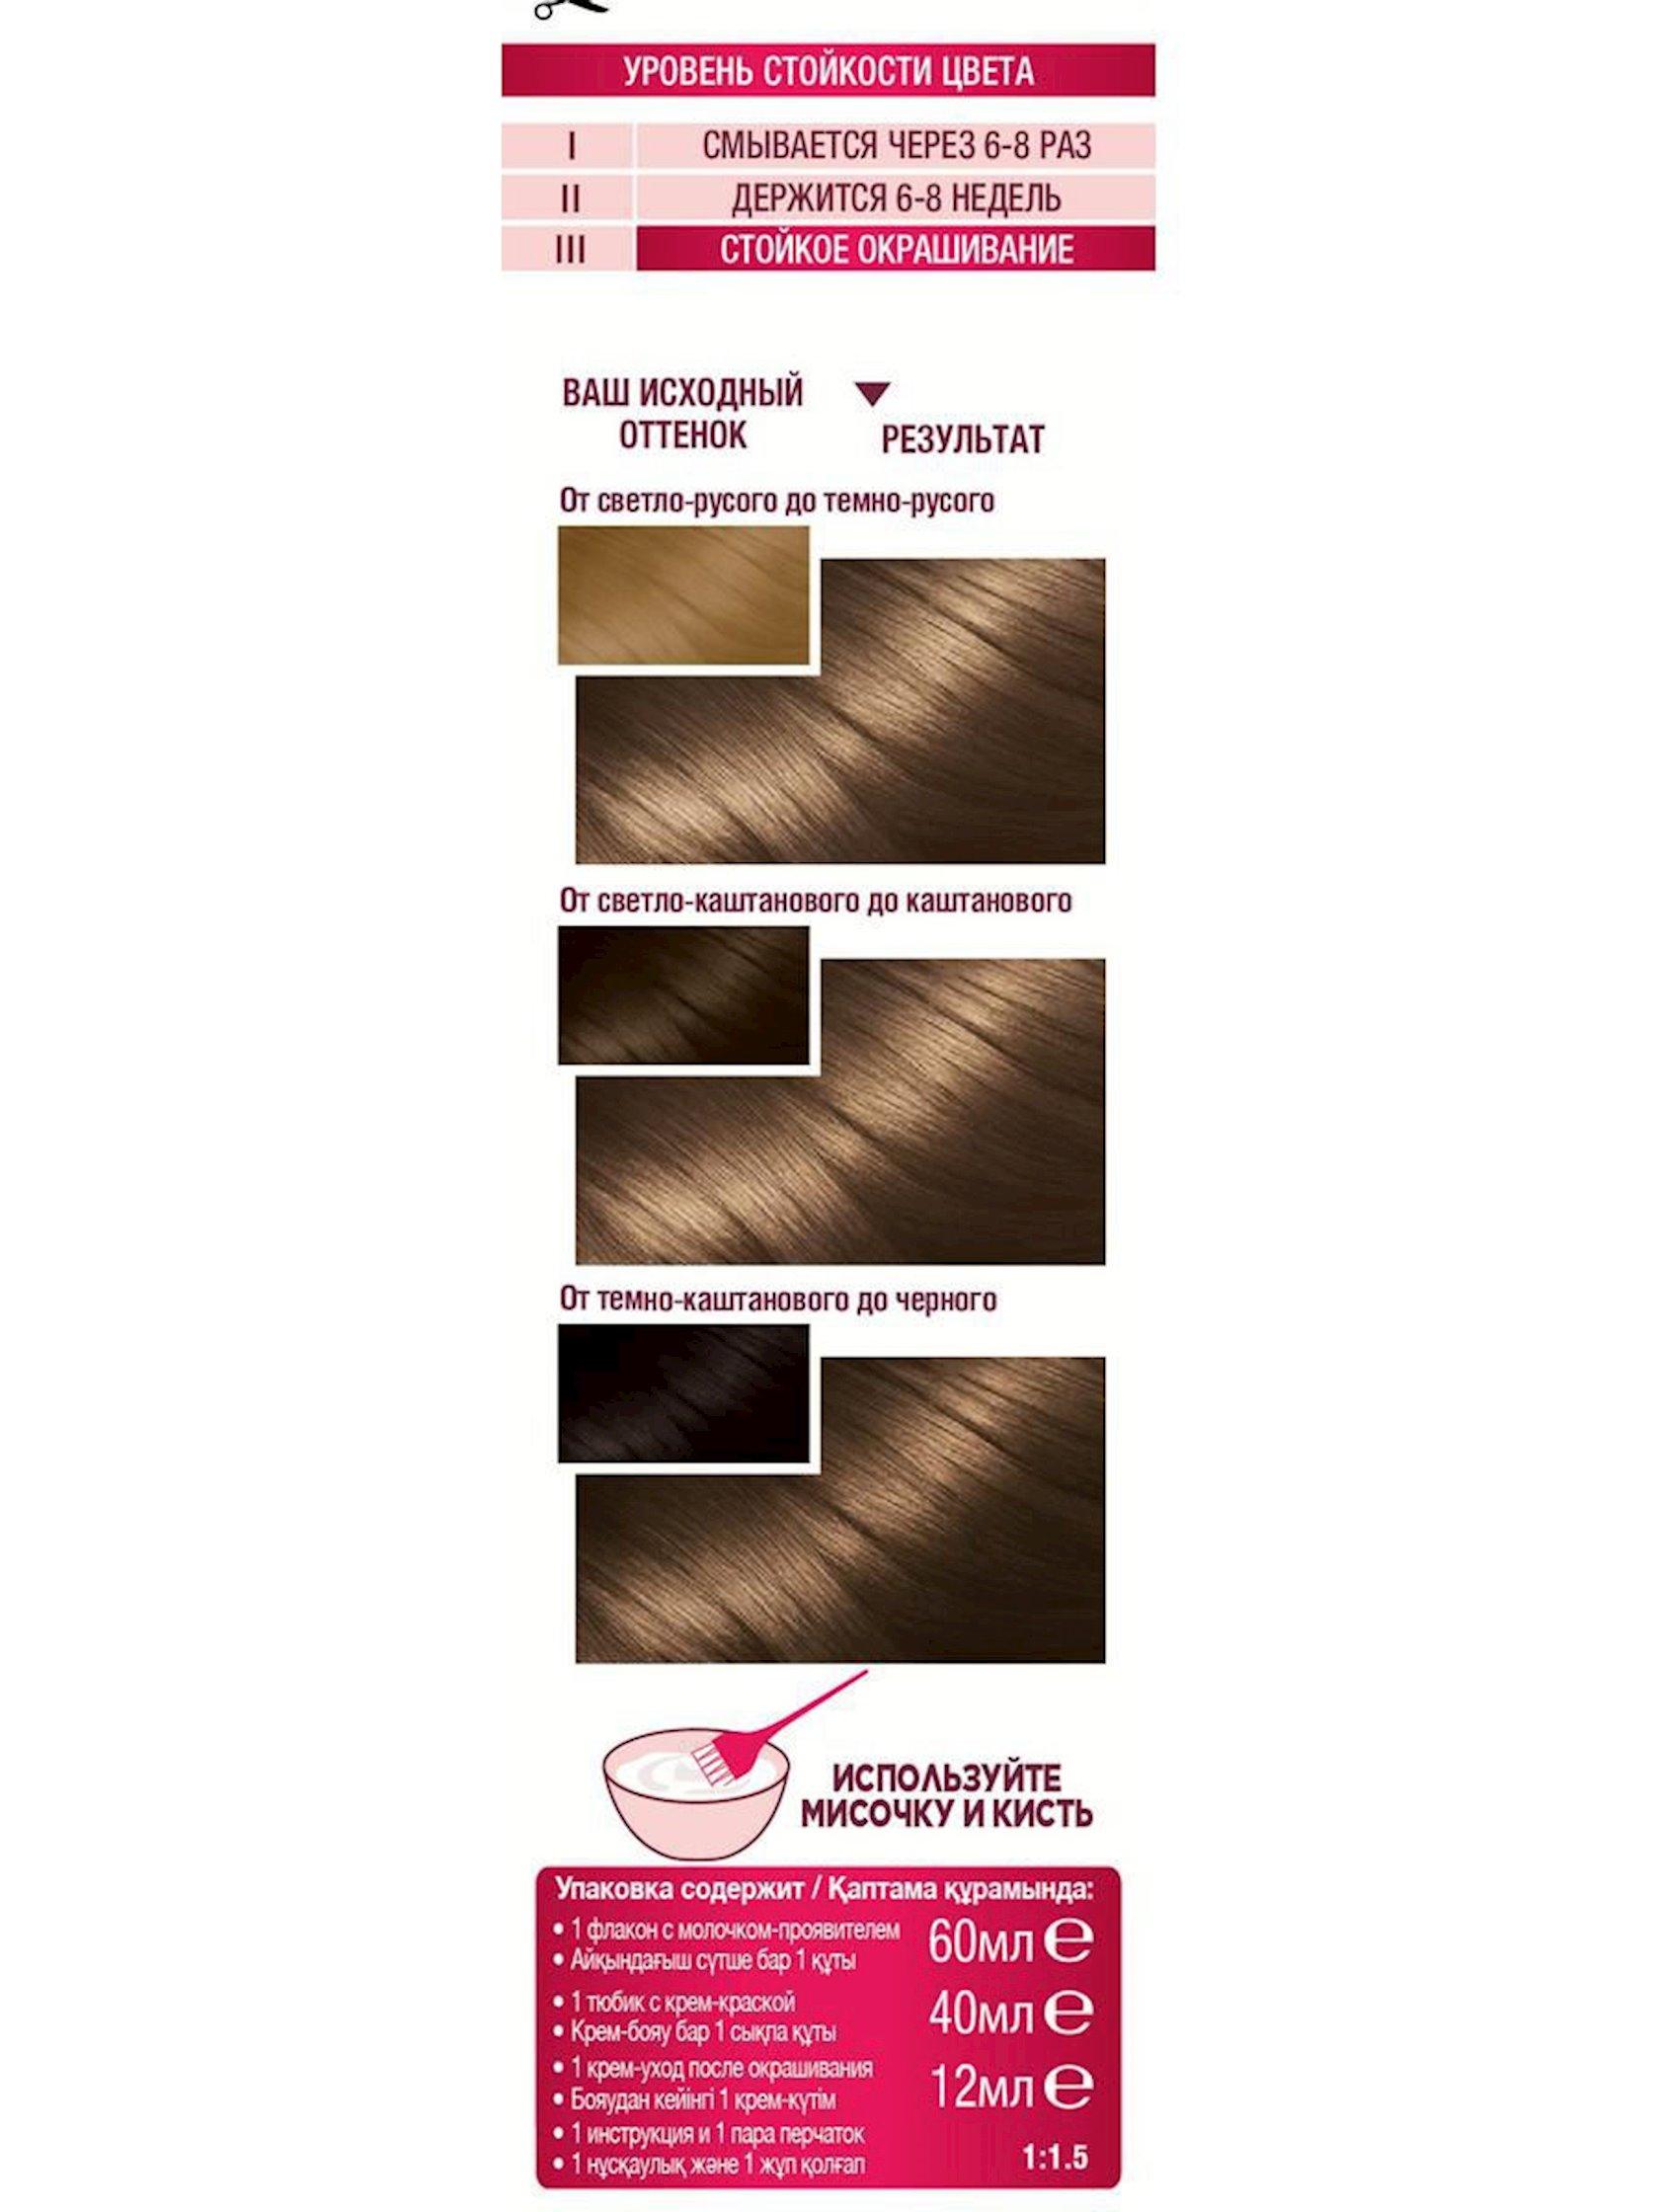 Saç üçün qalıcı krem-boya Garnier Color Sensation Dəbdəbəli rəng 6.0 Dəbdəbəli tünd sarışın